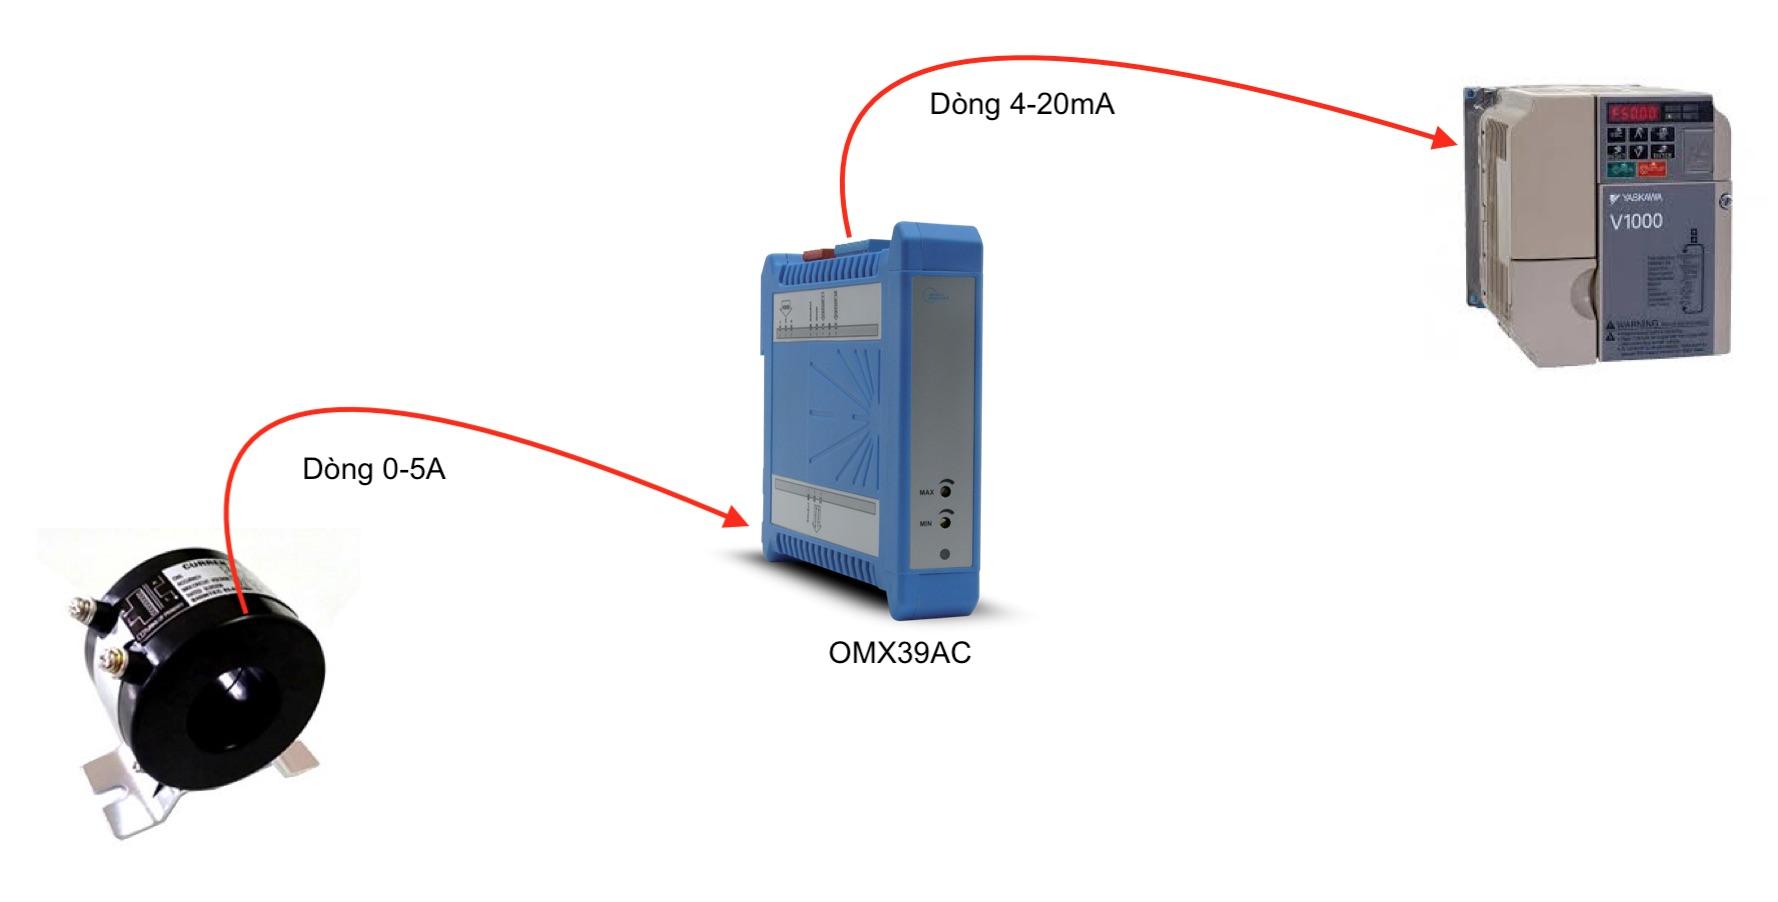 Ứng Dụng Bộ chuyển đổi dòng 0-5A 0-10A sang 4-20ma OMX39AC